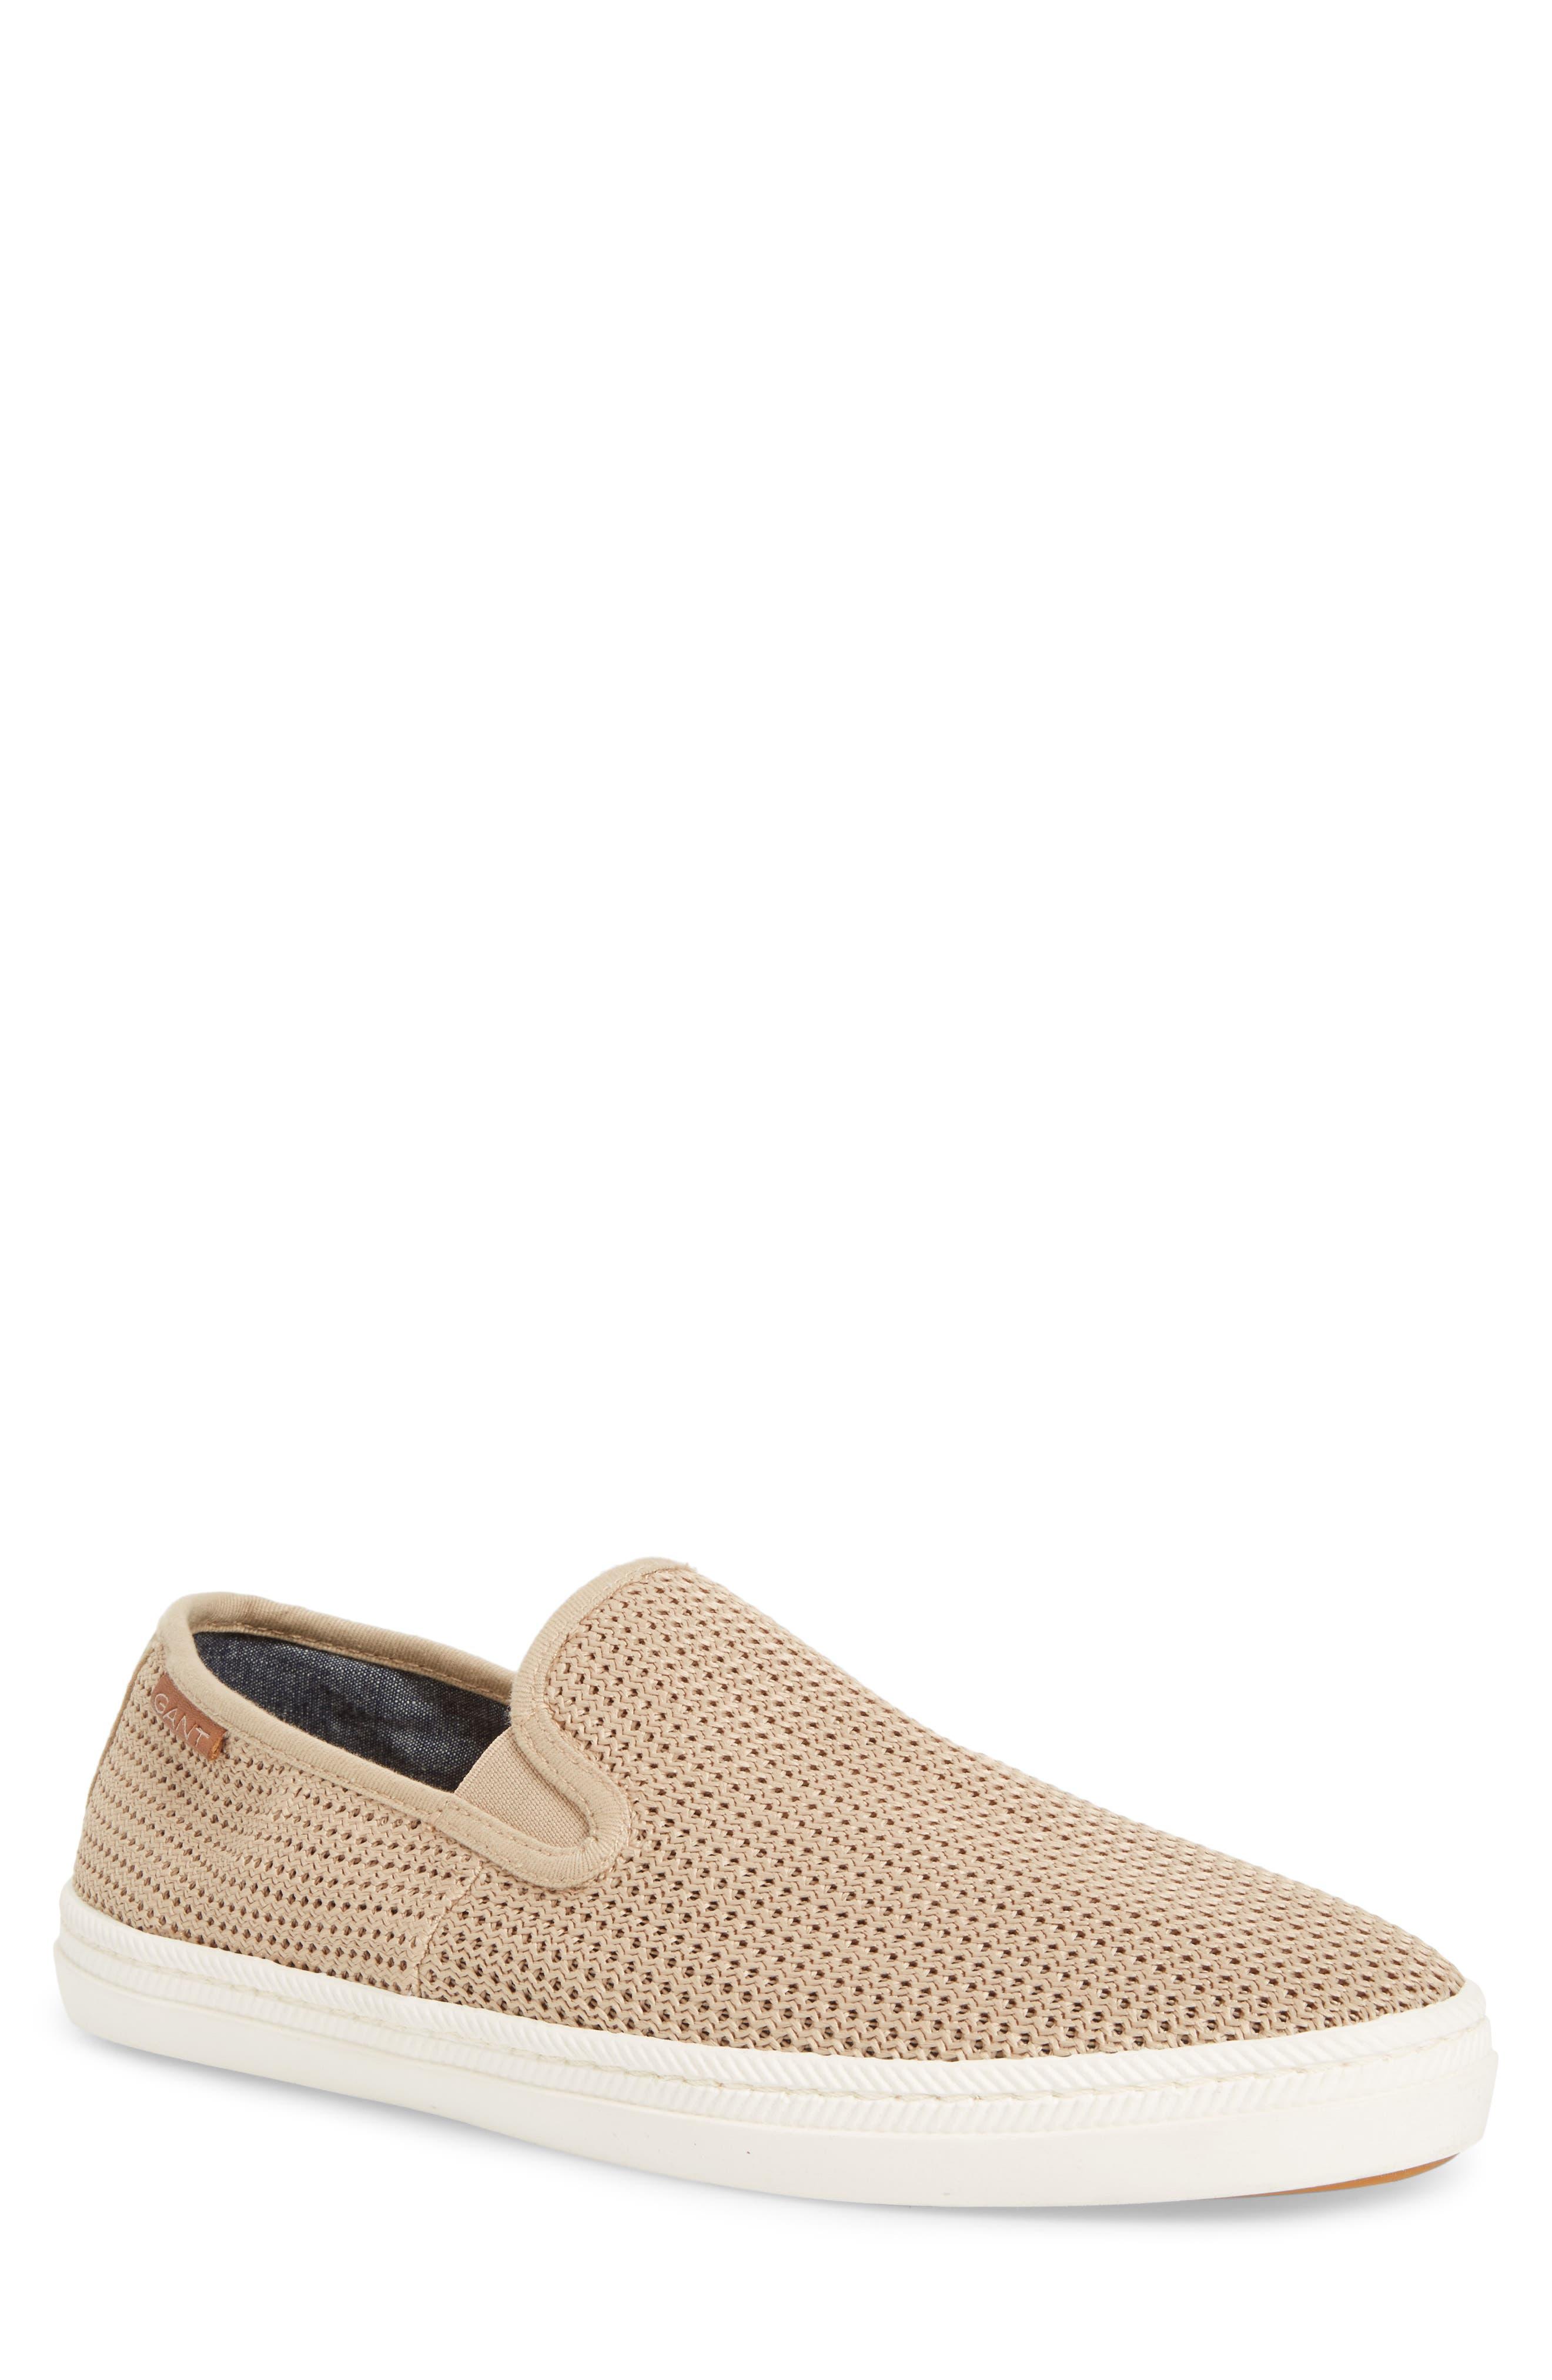 Viktor Woven Slip-On Sneaker,                         Main,                         color, Dry Sand